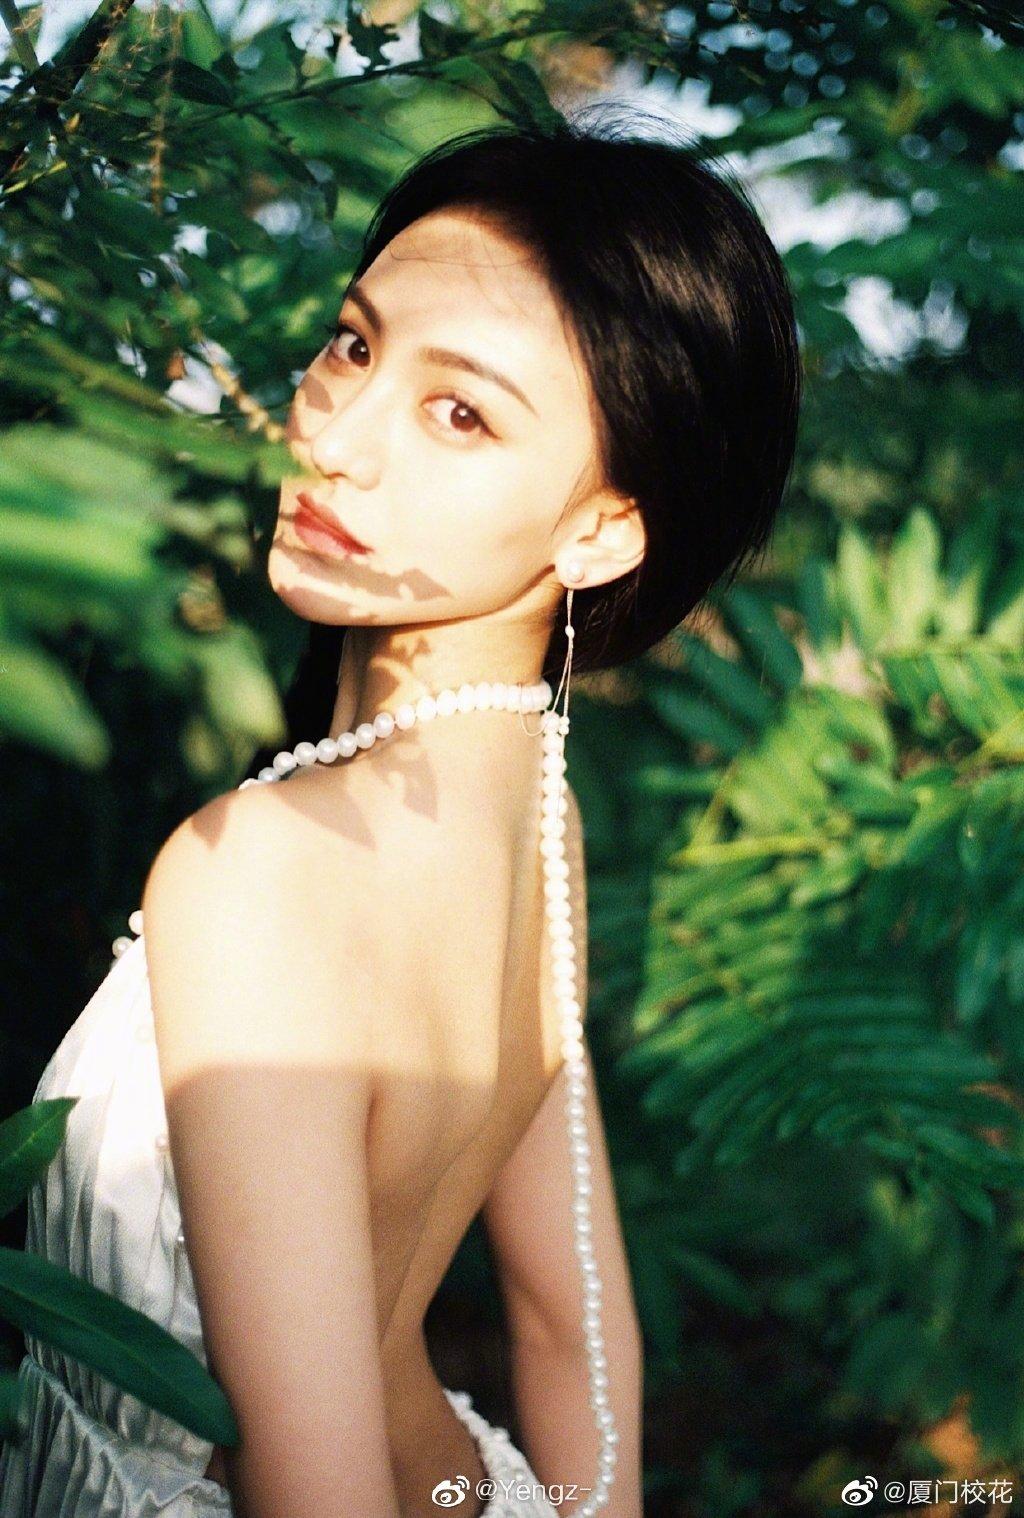 她叫曾姿晔 ,02年,就读于中央戏剧学院,身高170cm,爱好跳舞